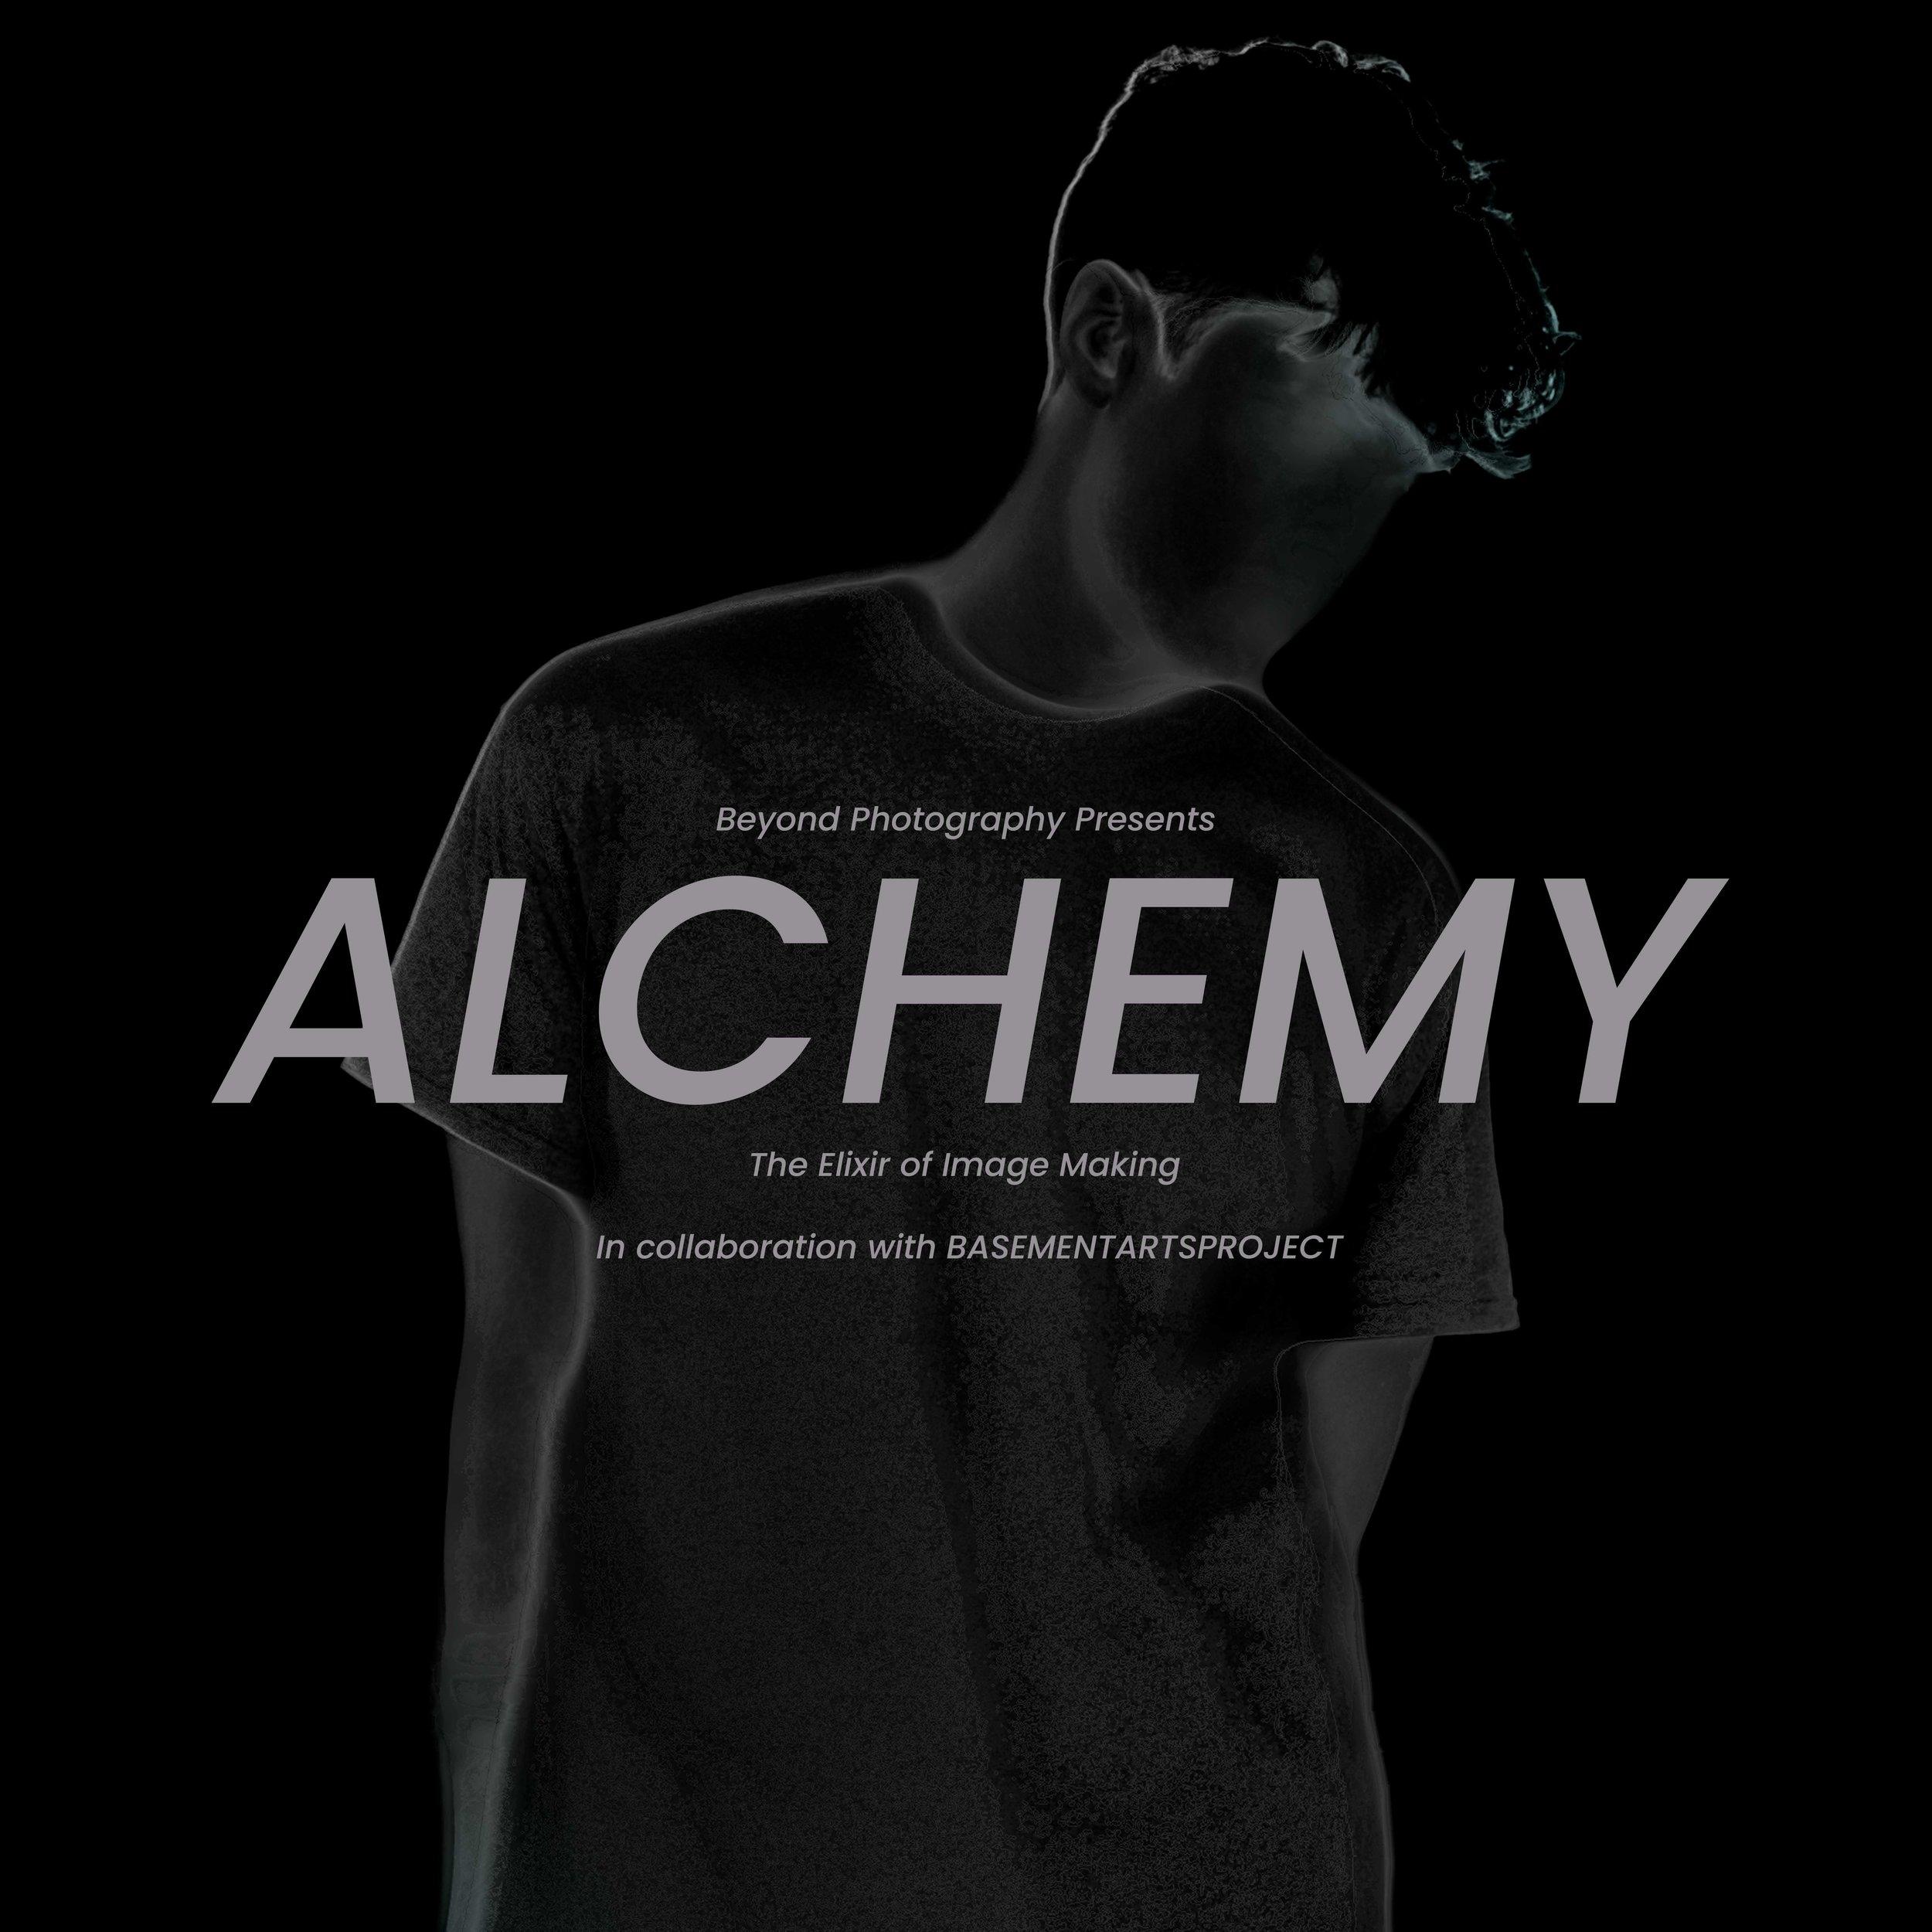 Beyond Photography - ALCHEMY